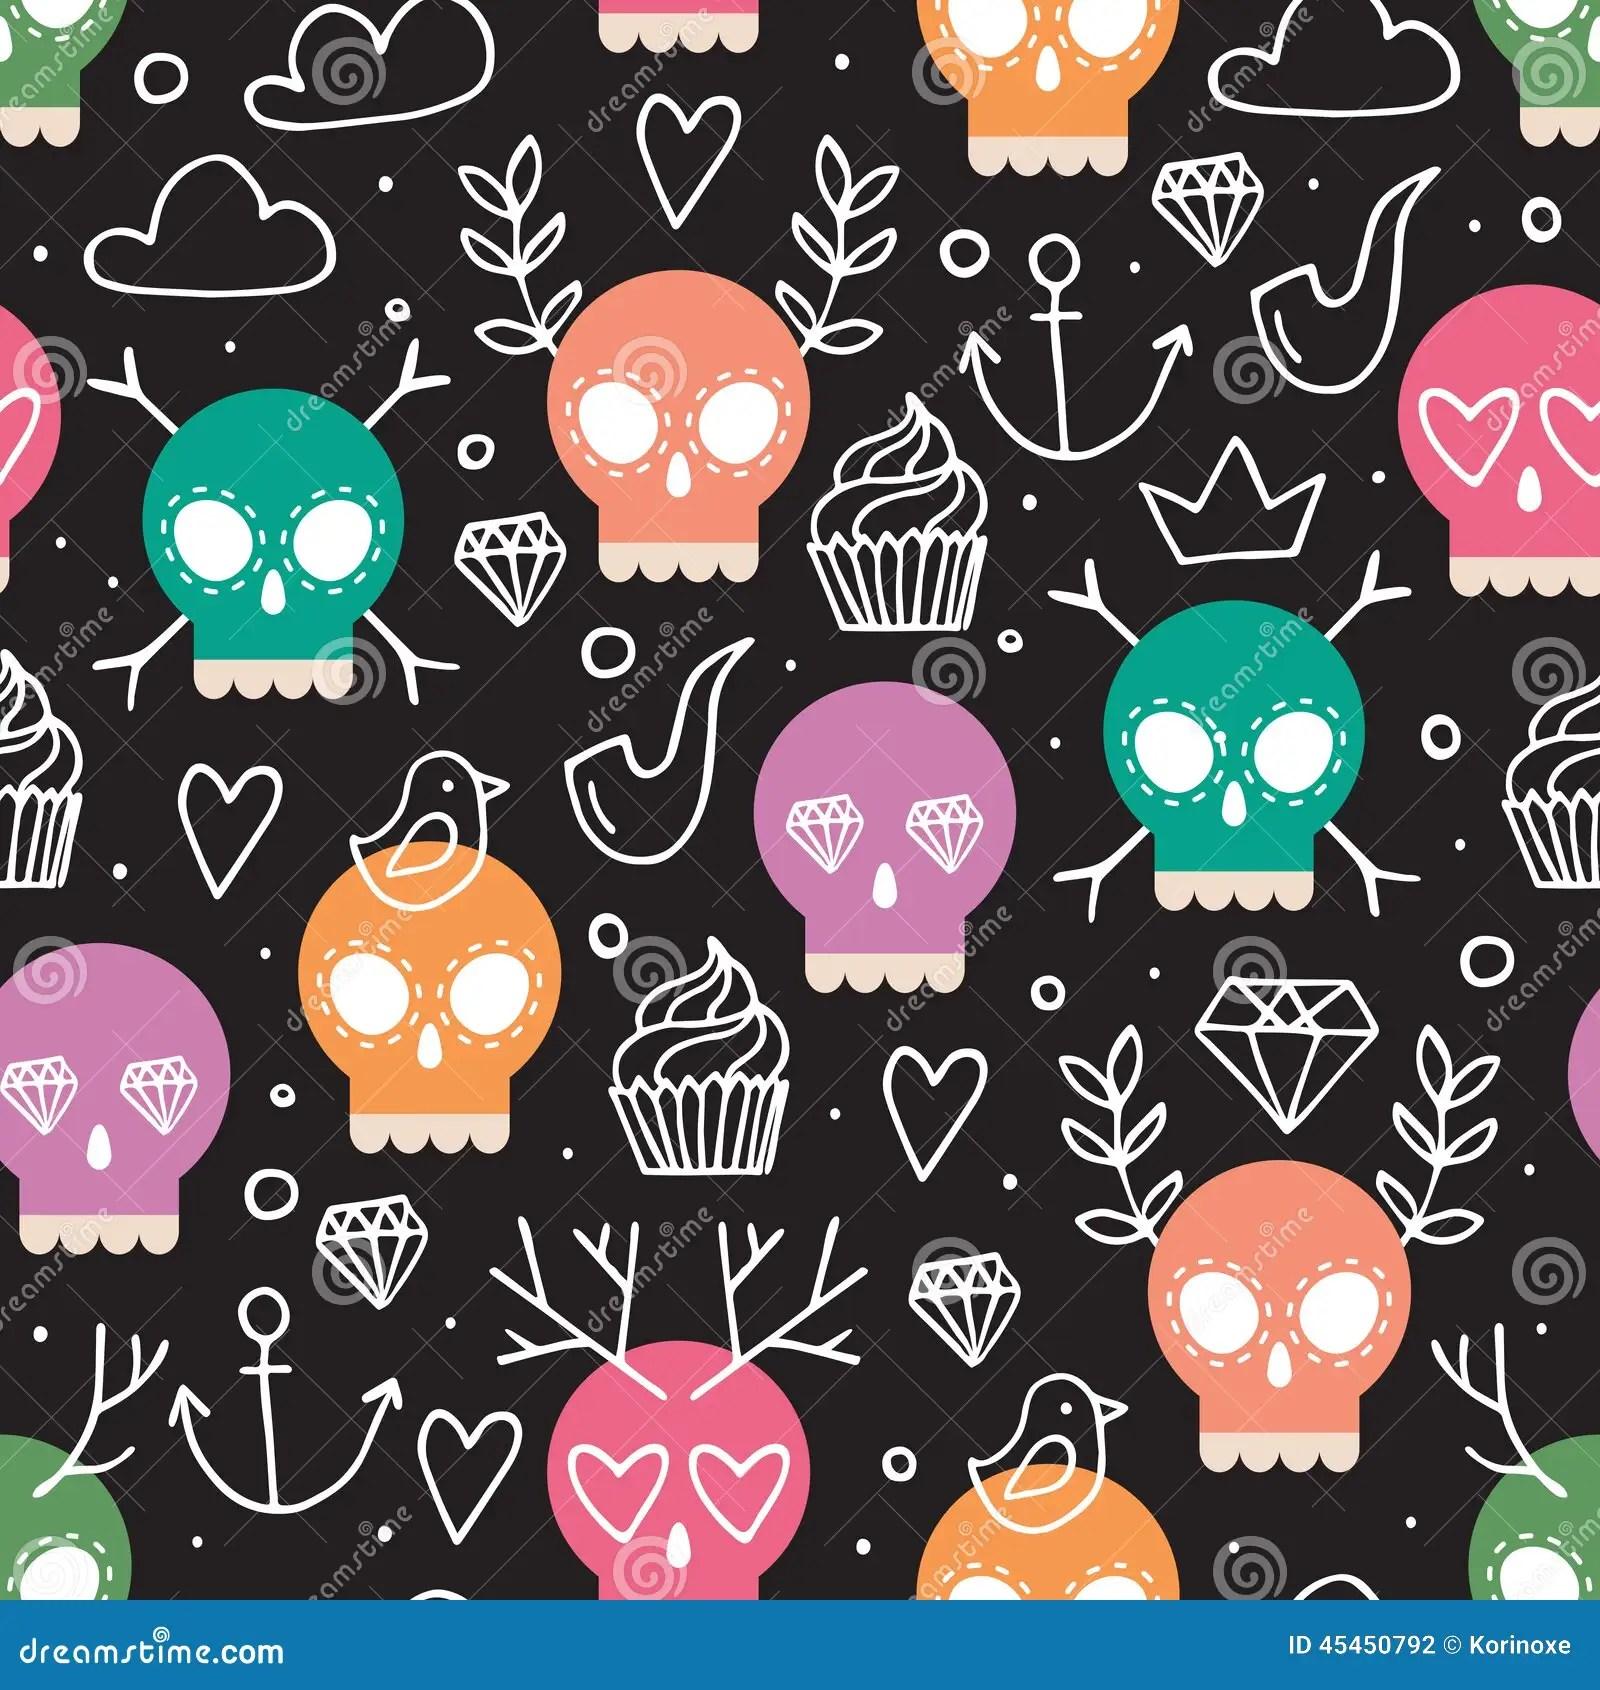 Cute Dia De Los Muertos Wallpaper Fondo Colorido Para El D 237 A De Los Muertos Ilustraci 243 N Del